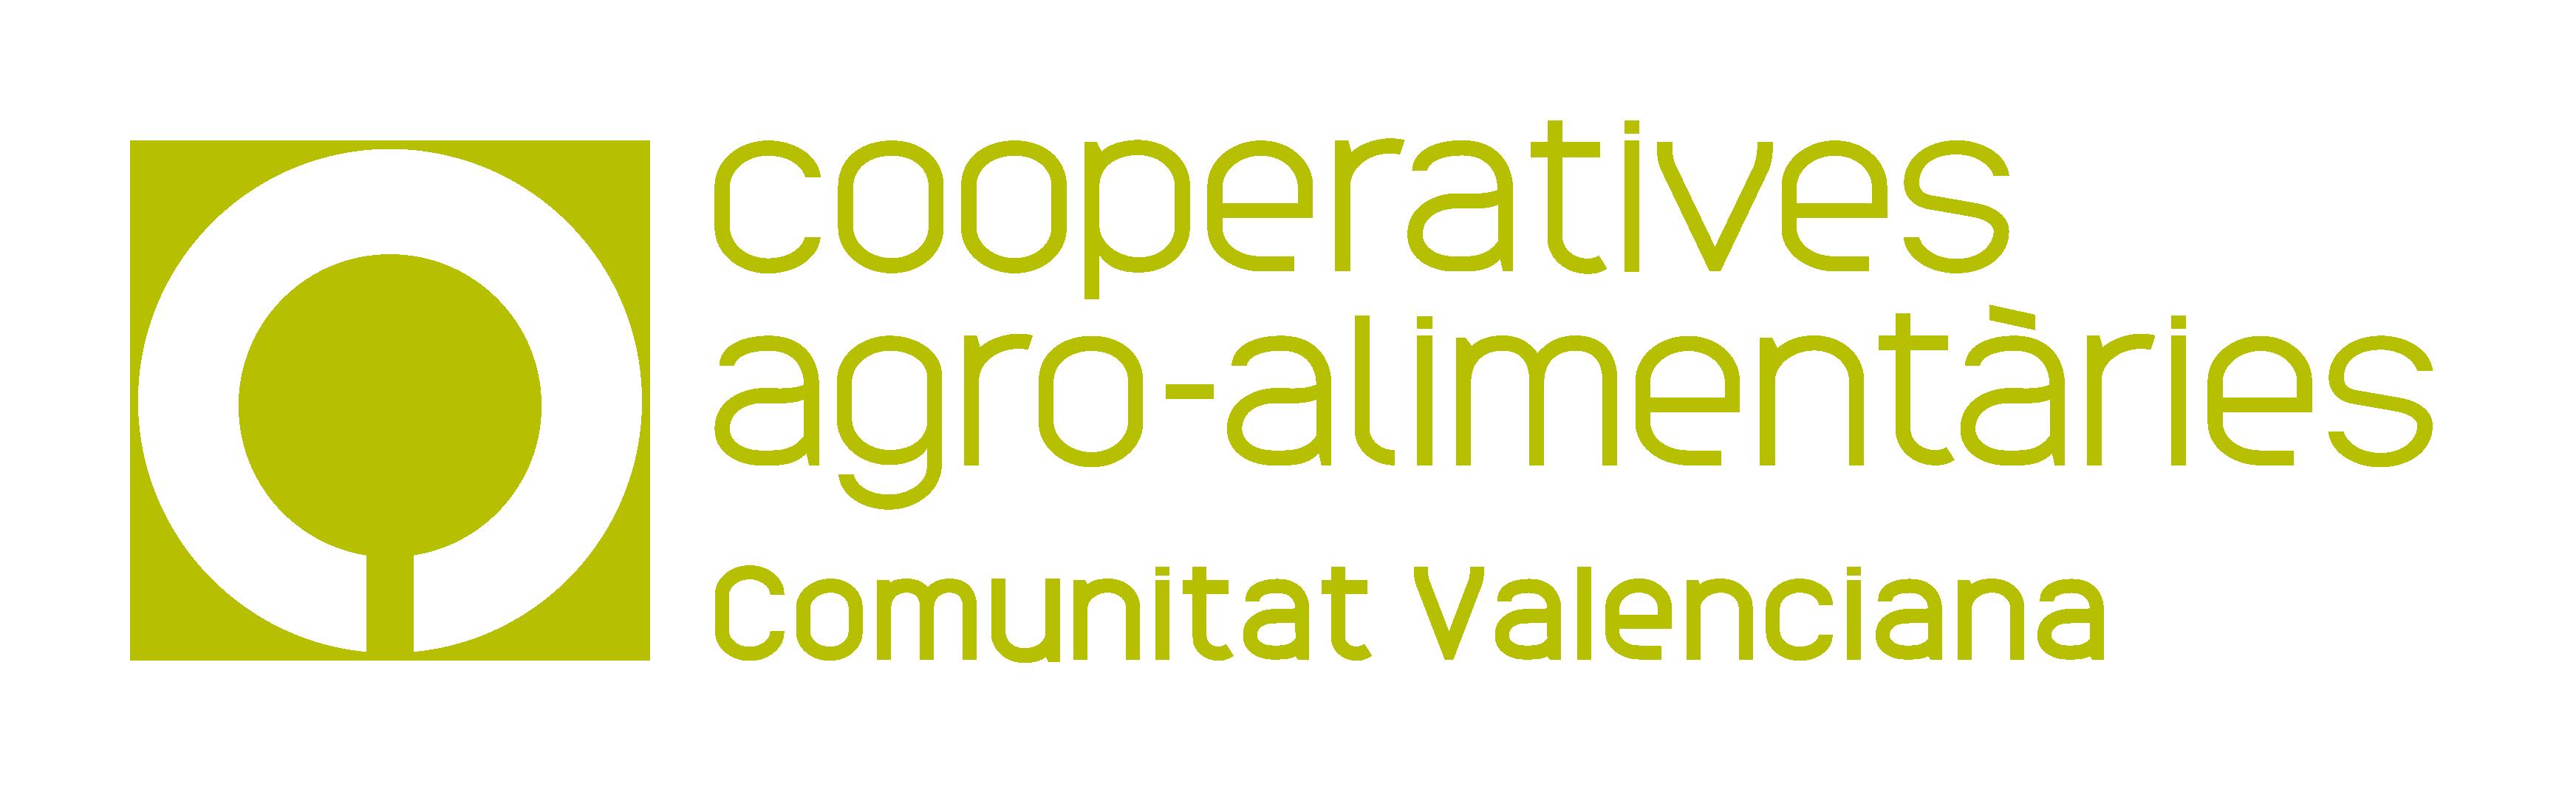 Cooperatives Agro-alimentàries Comunitat Valenciana